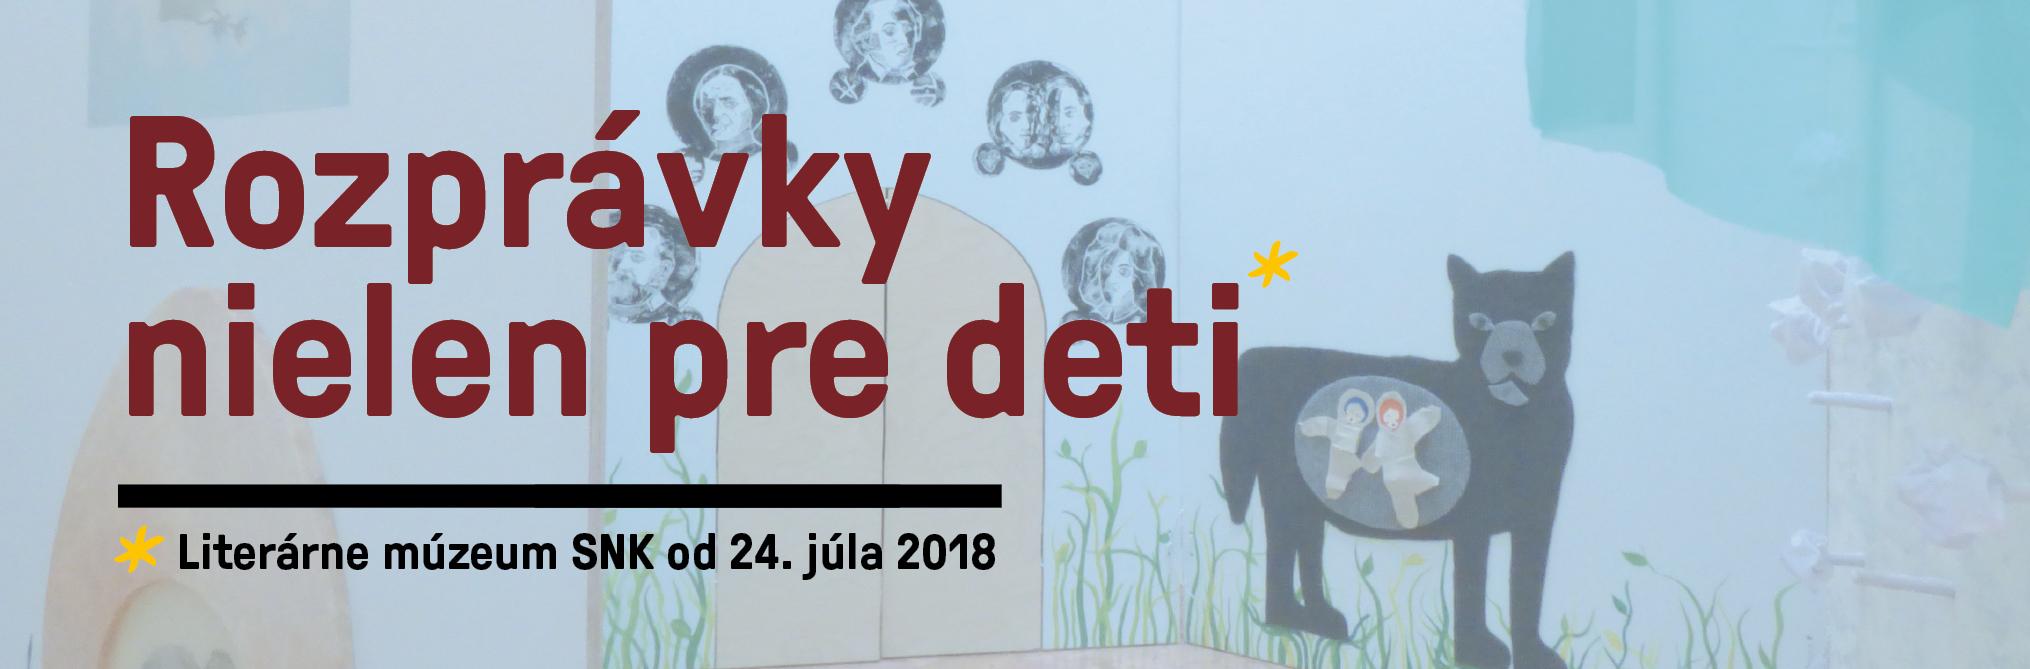 Literárne múzeum SNK - výstava Rozprávky nielen pre deti